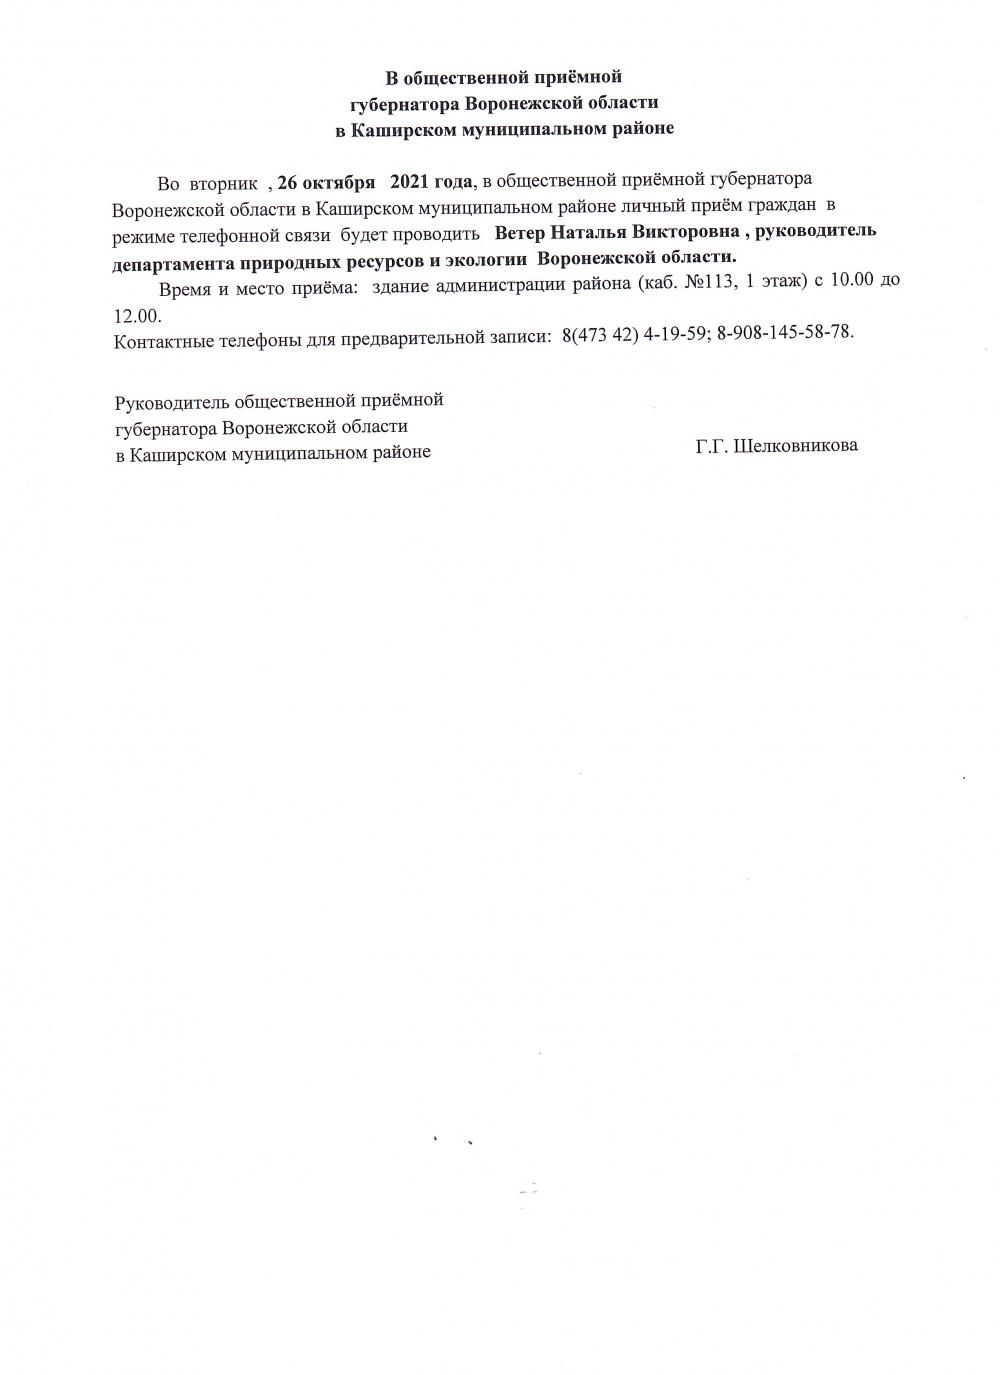 Прием граждан в общественной приемной губернатора Воронежской области в Каширском районе,26 октября 2021г.